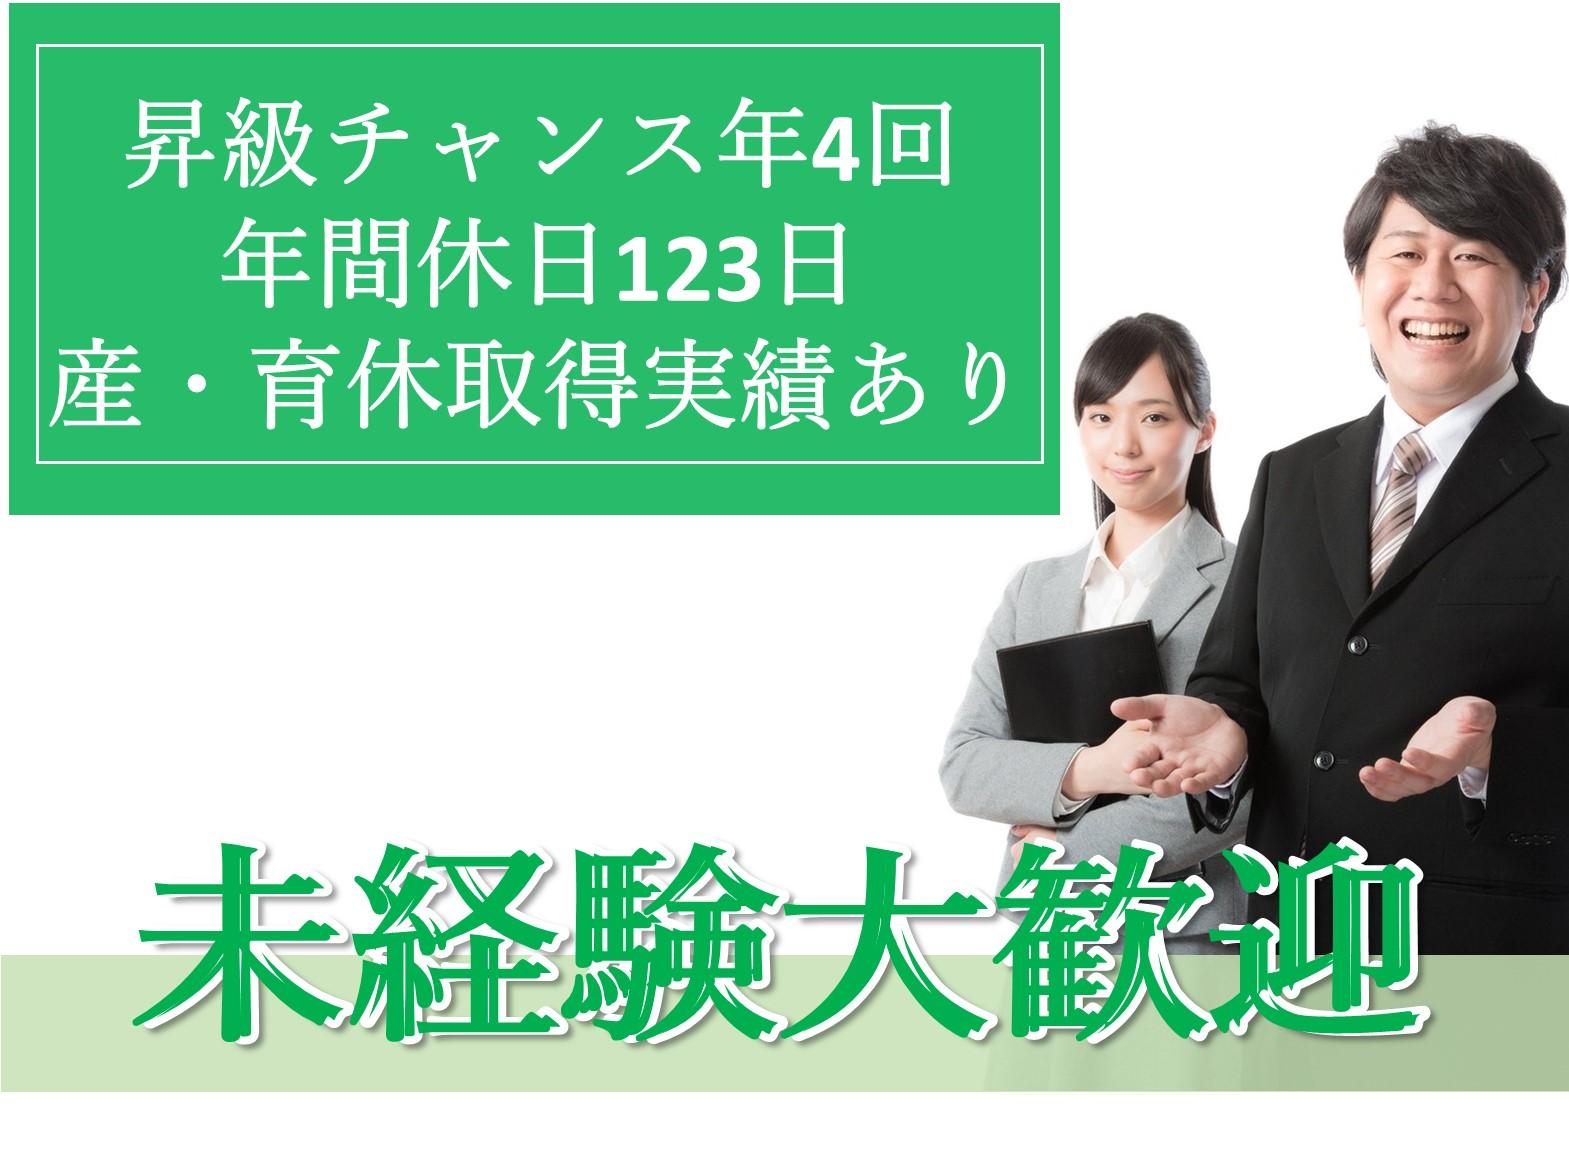 急募★未経験からスピード昇進も!年休嬉しい120日~牛丼屋店舗運営スタッフ イメージ